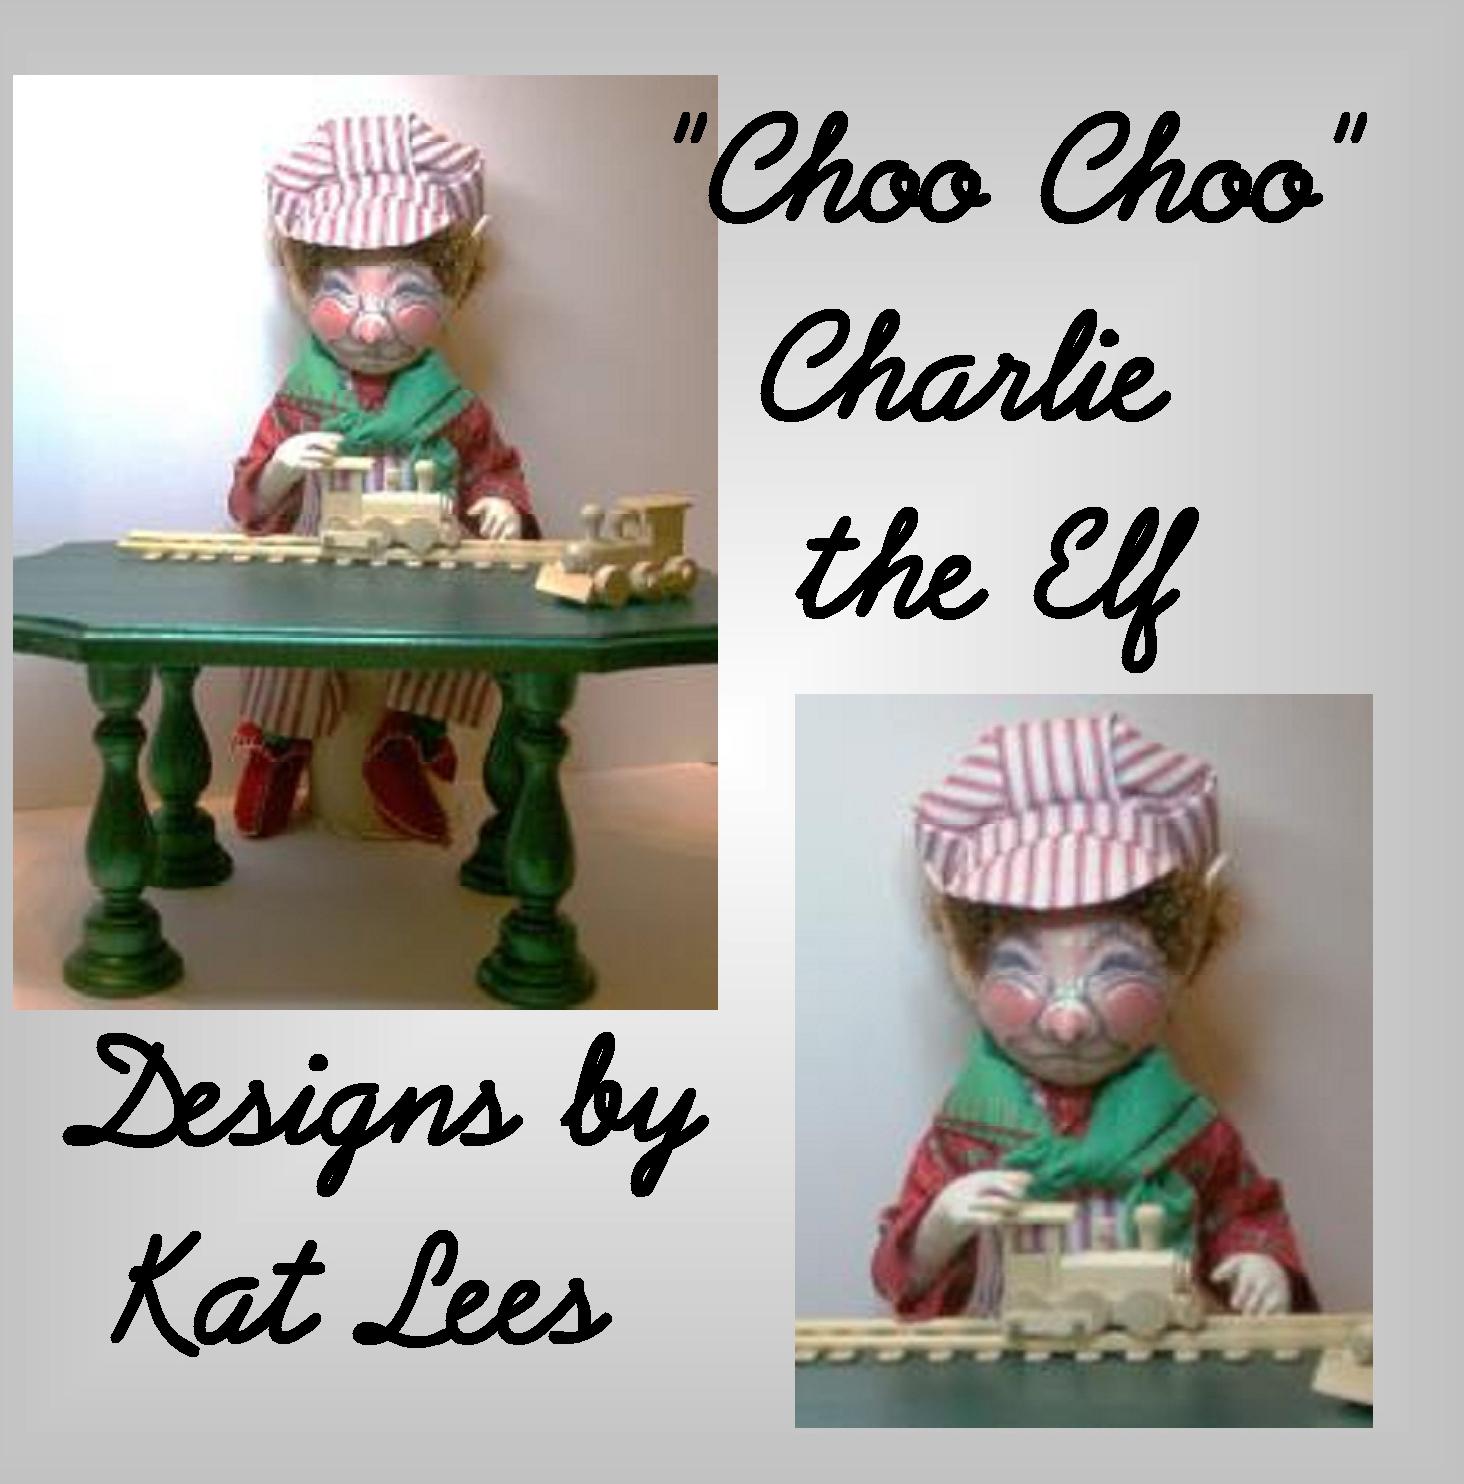 CHOO-CHOO CHARLIE ELF